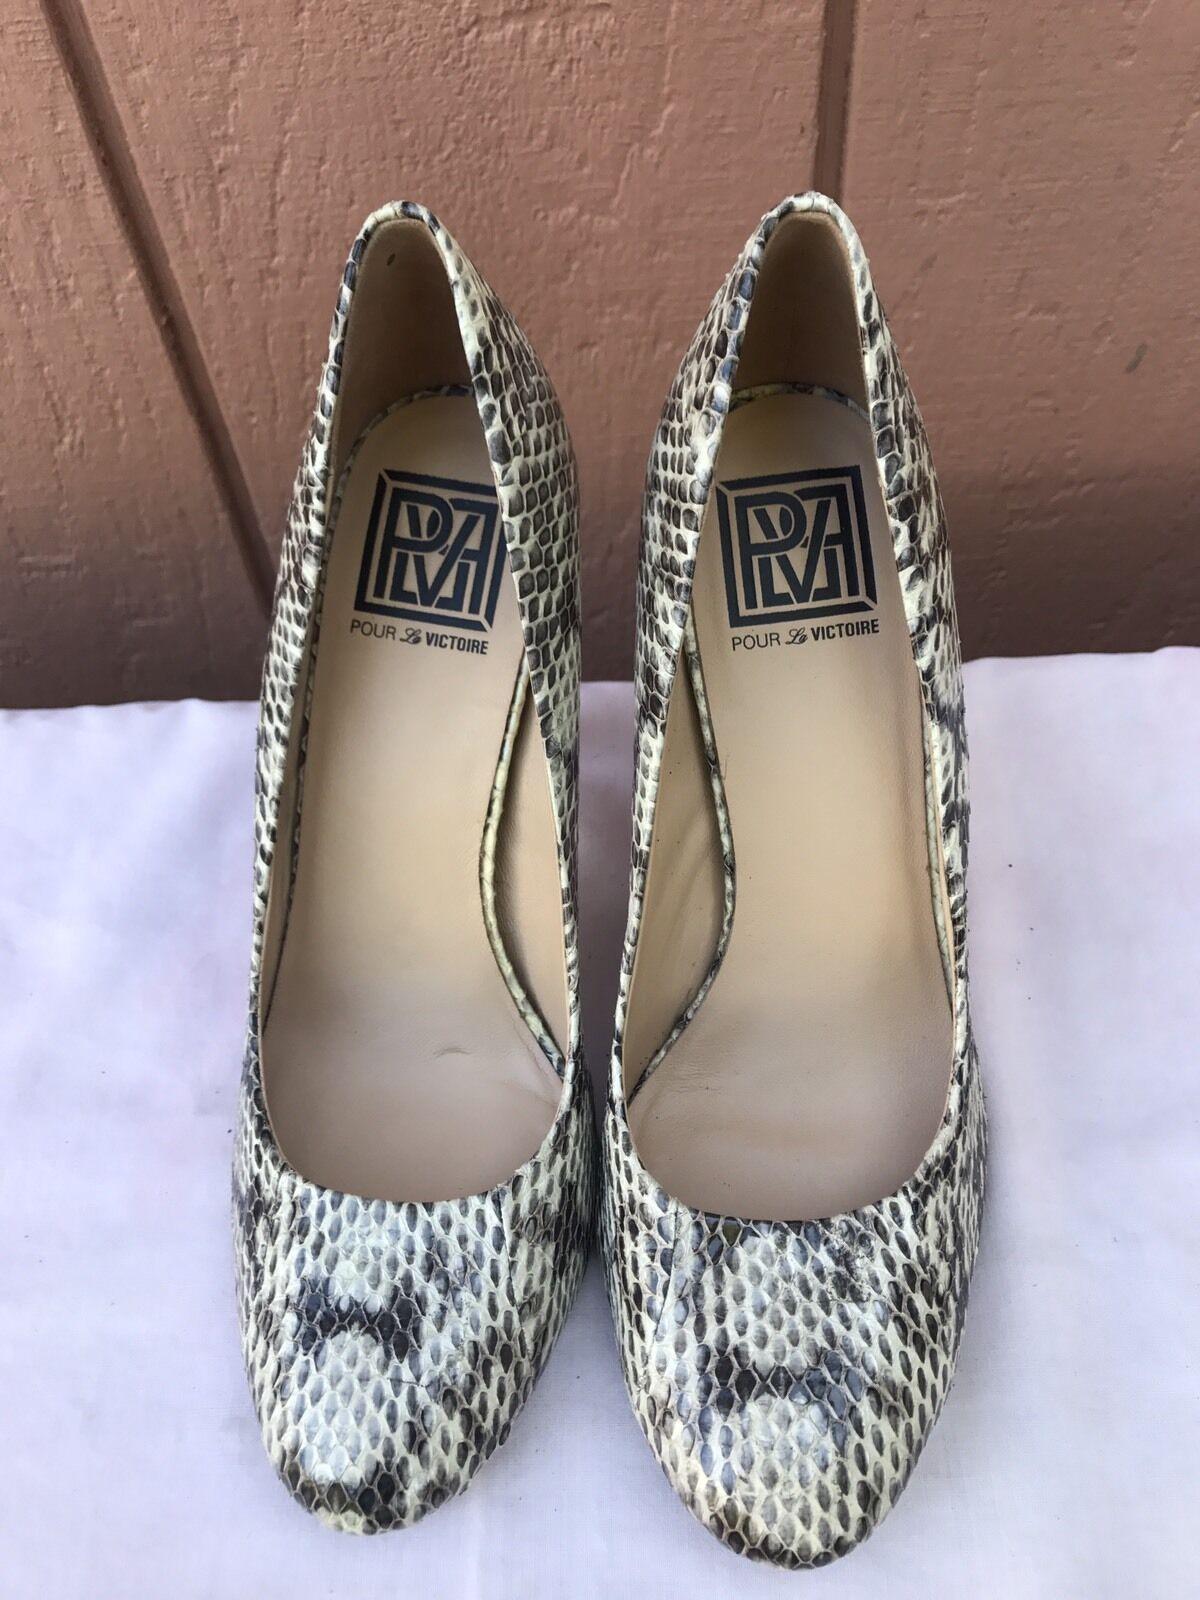 POUR LE VICTOIRE VICTOIRE VICTOIRE  195 MULTI-Couleur SNAKESKIN PUMPS US 7.5 B CLASSIC HEELS chaussures ce9e3a